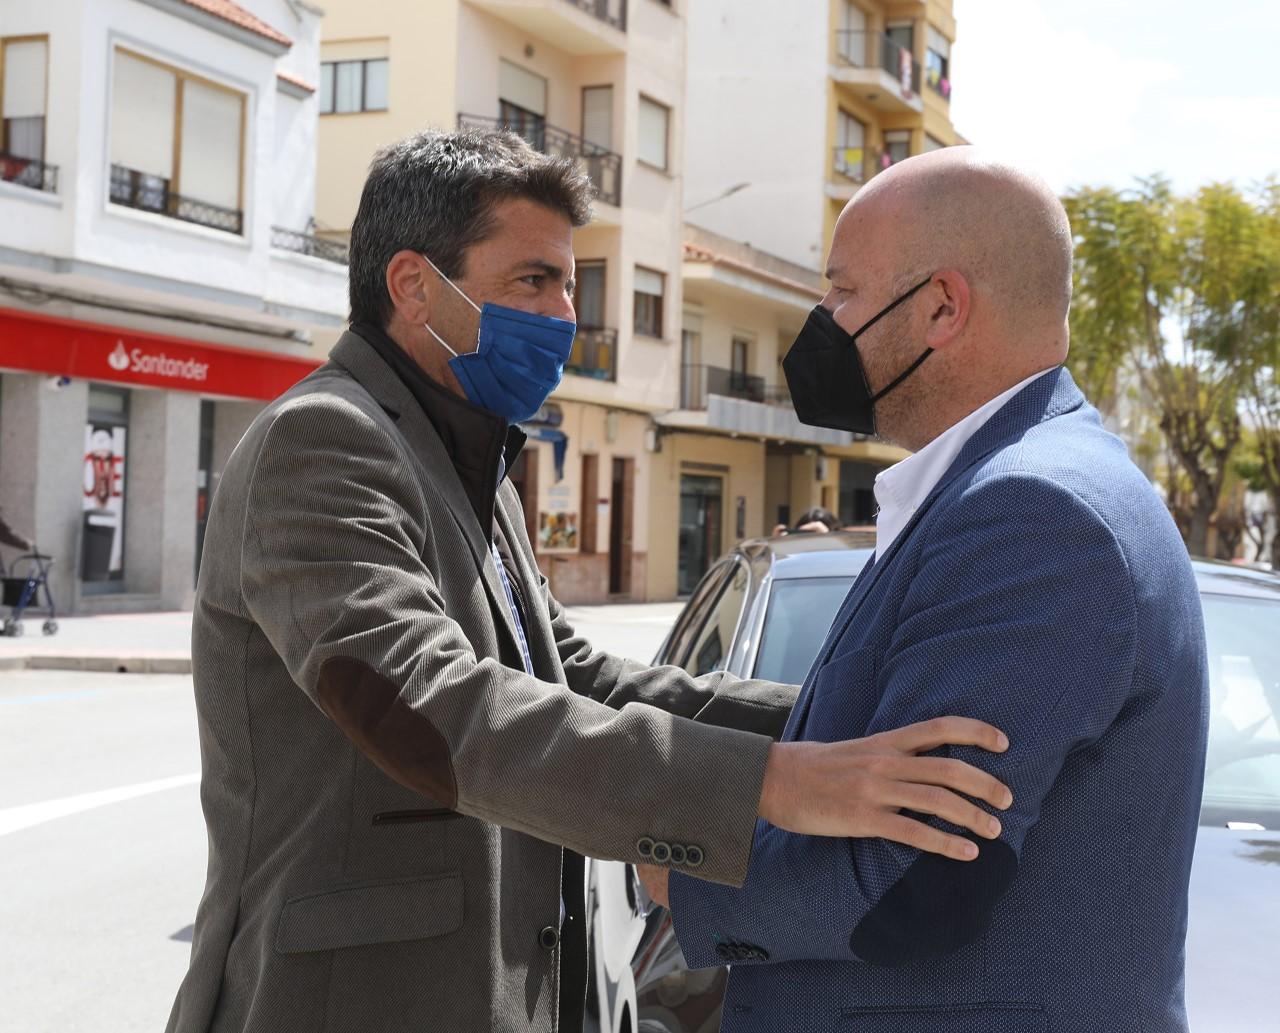 El presidente de la Diputación de Alicante saluda al alcalde de Teulada Moraira